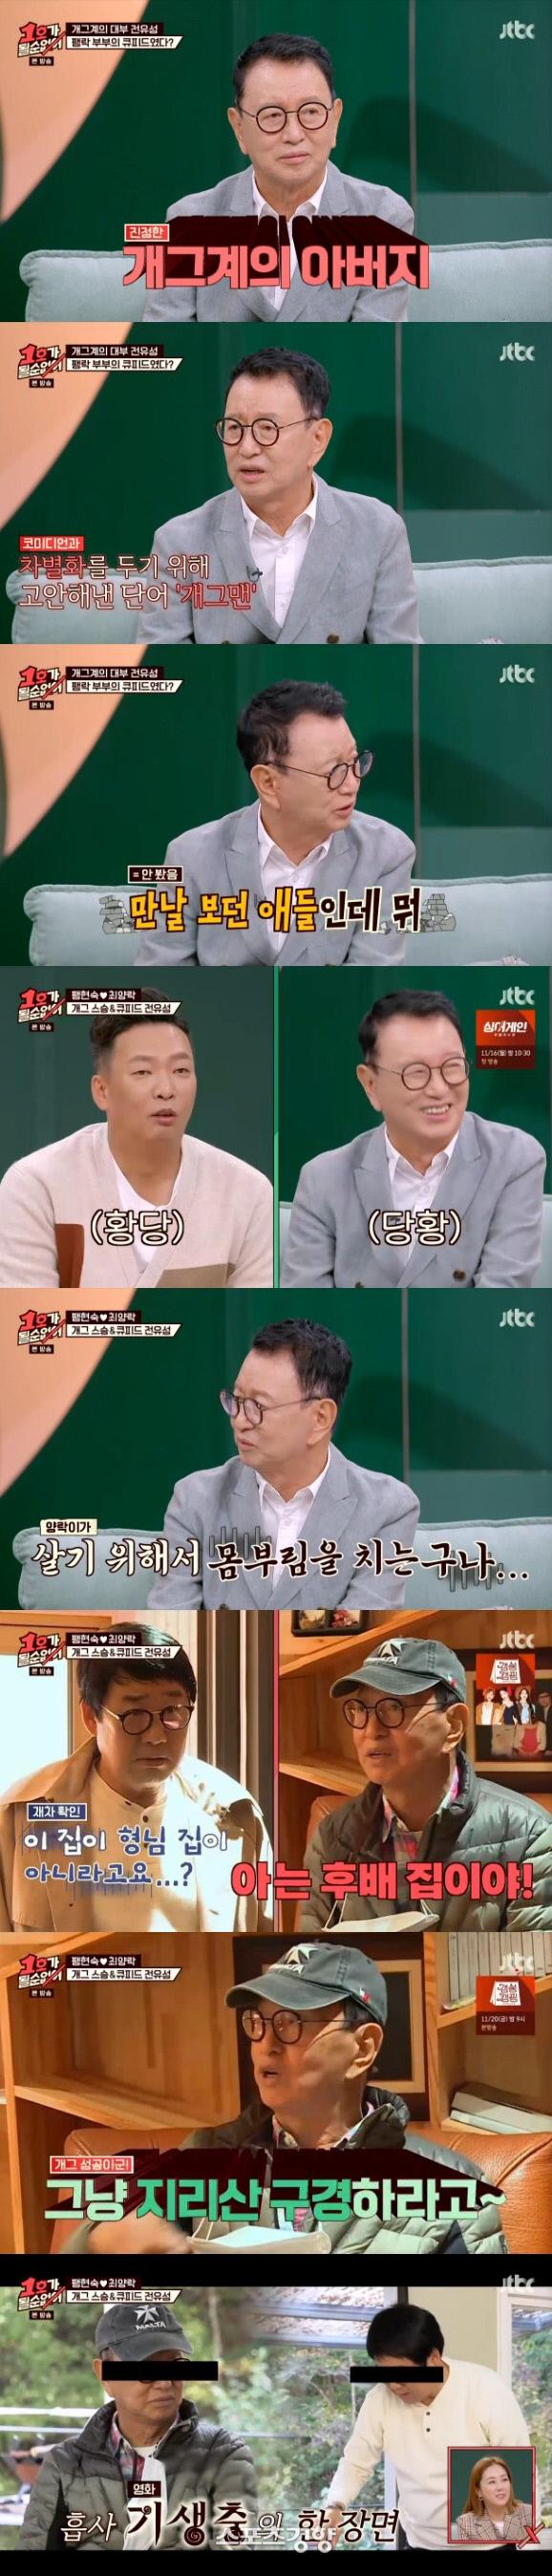 '1호가 출연 개그계 아버지' 전유성, 엉뚱한 입담 여전하네 [간밤TV][최신바다|모히또 토토]